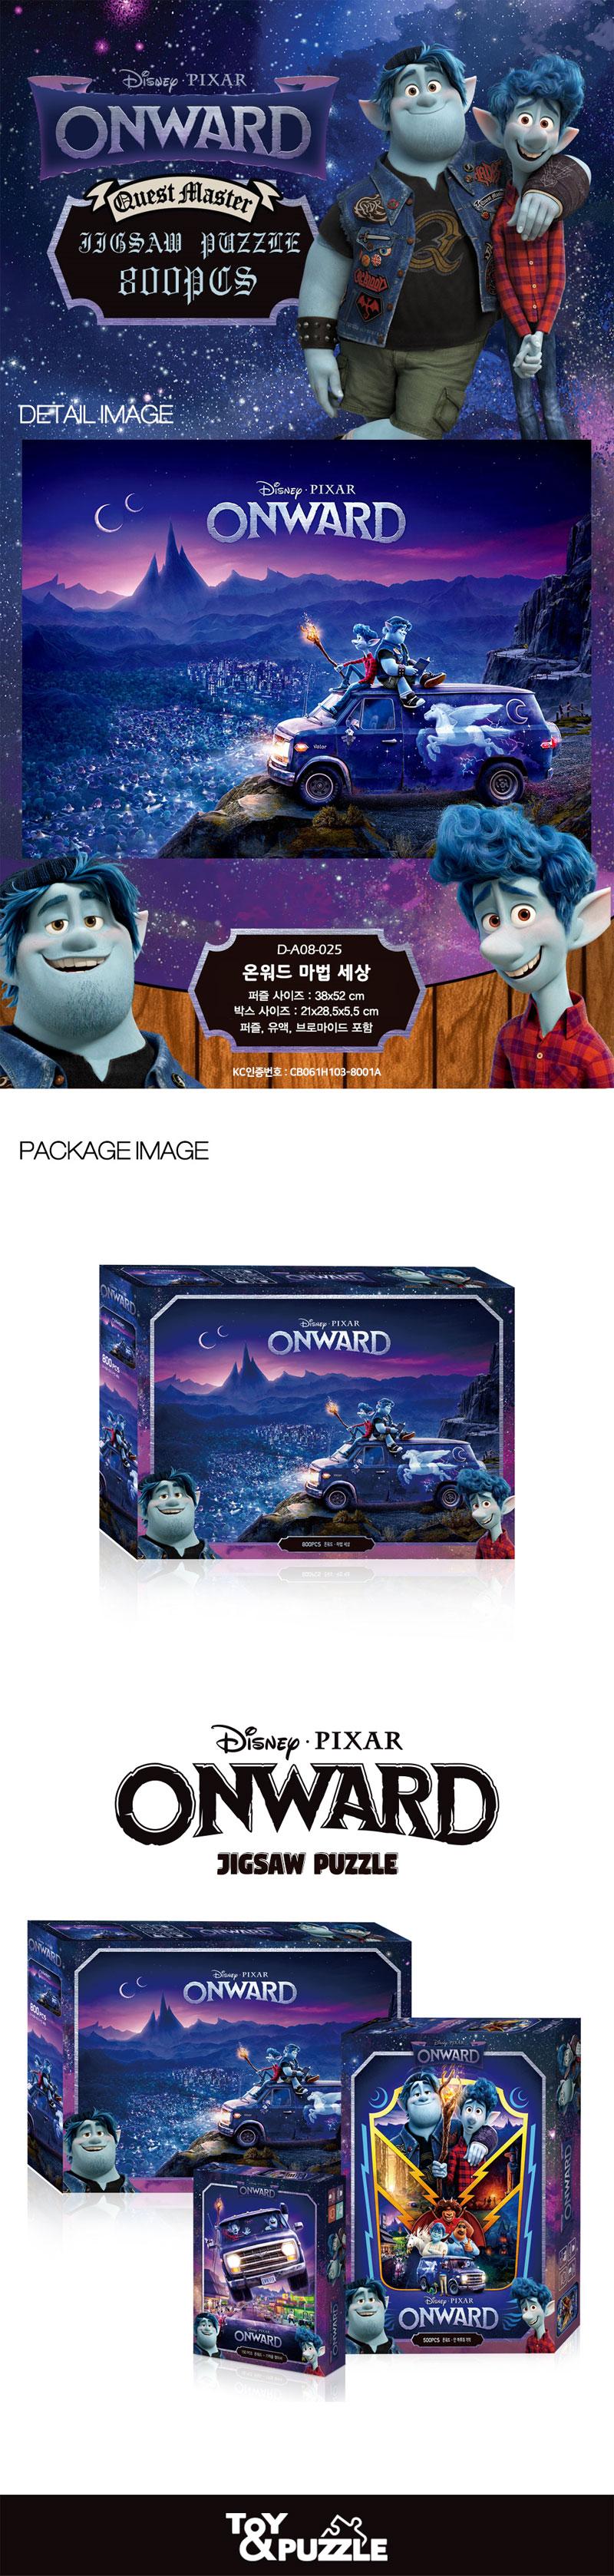 디즈니 픽사 온워드 직소퍼즐 마법 세상 800피스 - 보드게임 친구들, 15,300원, 조각/퍼즐, 캐릭터 직소퍼즐